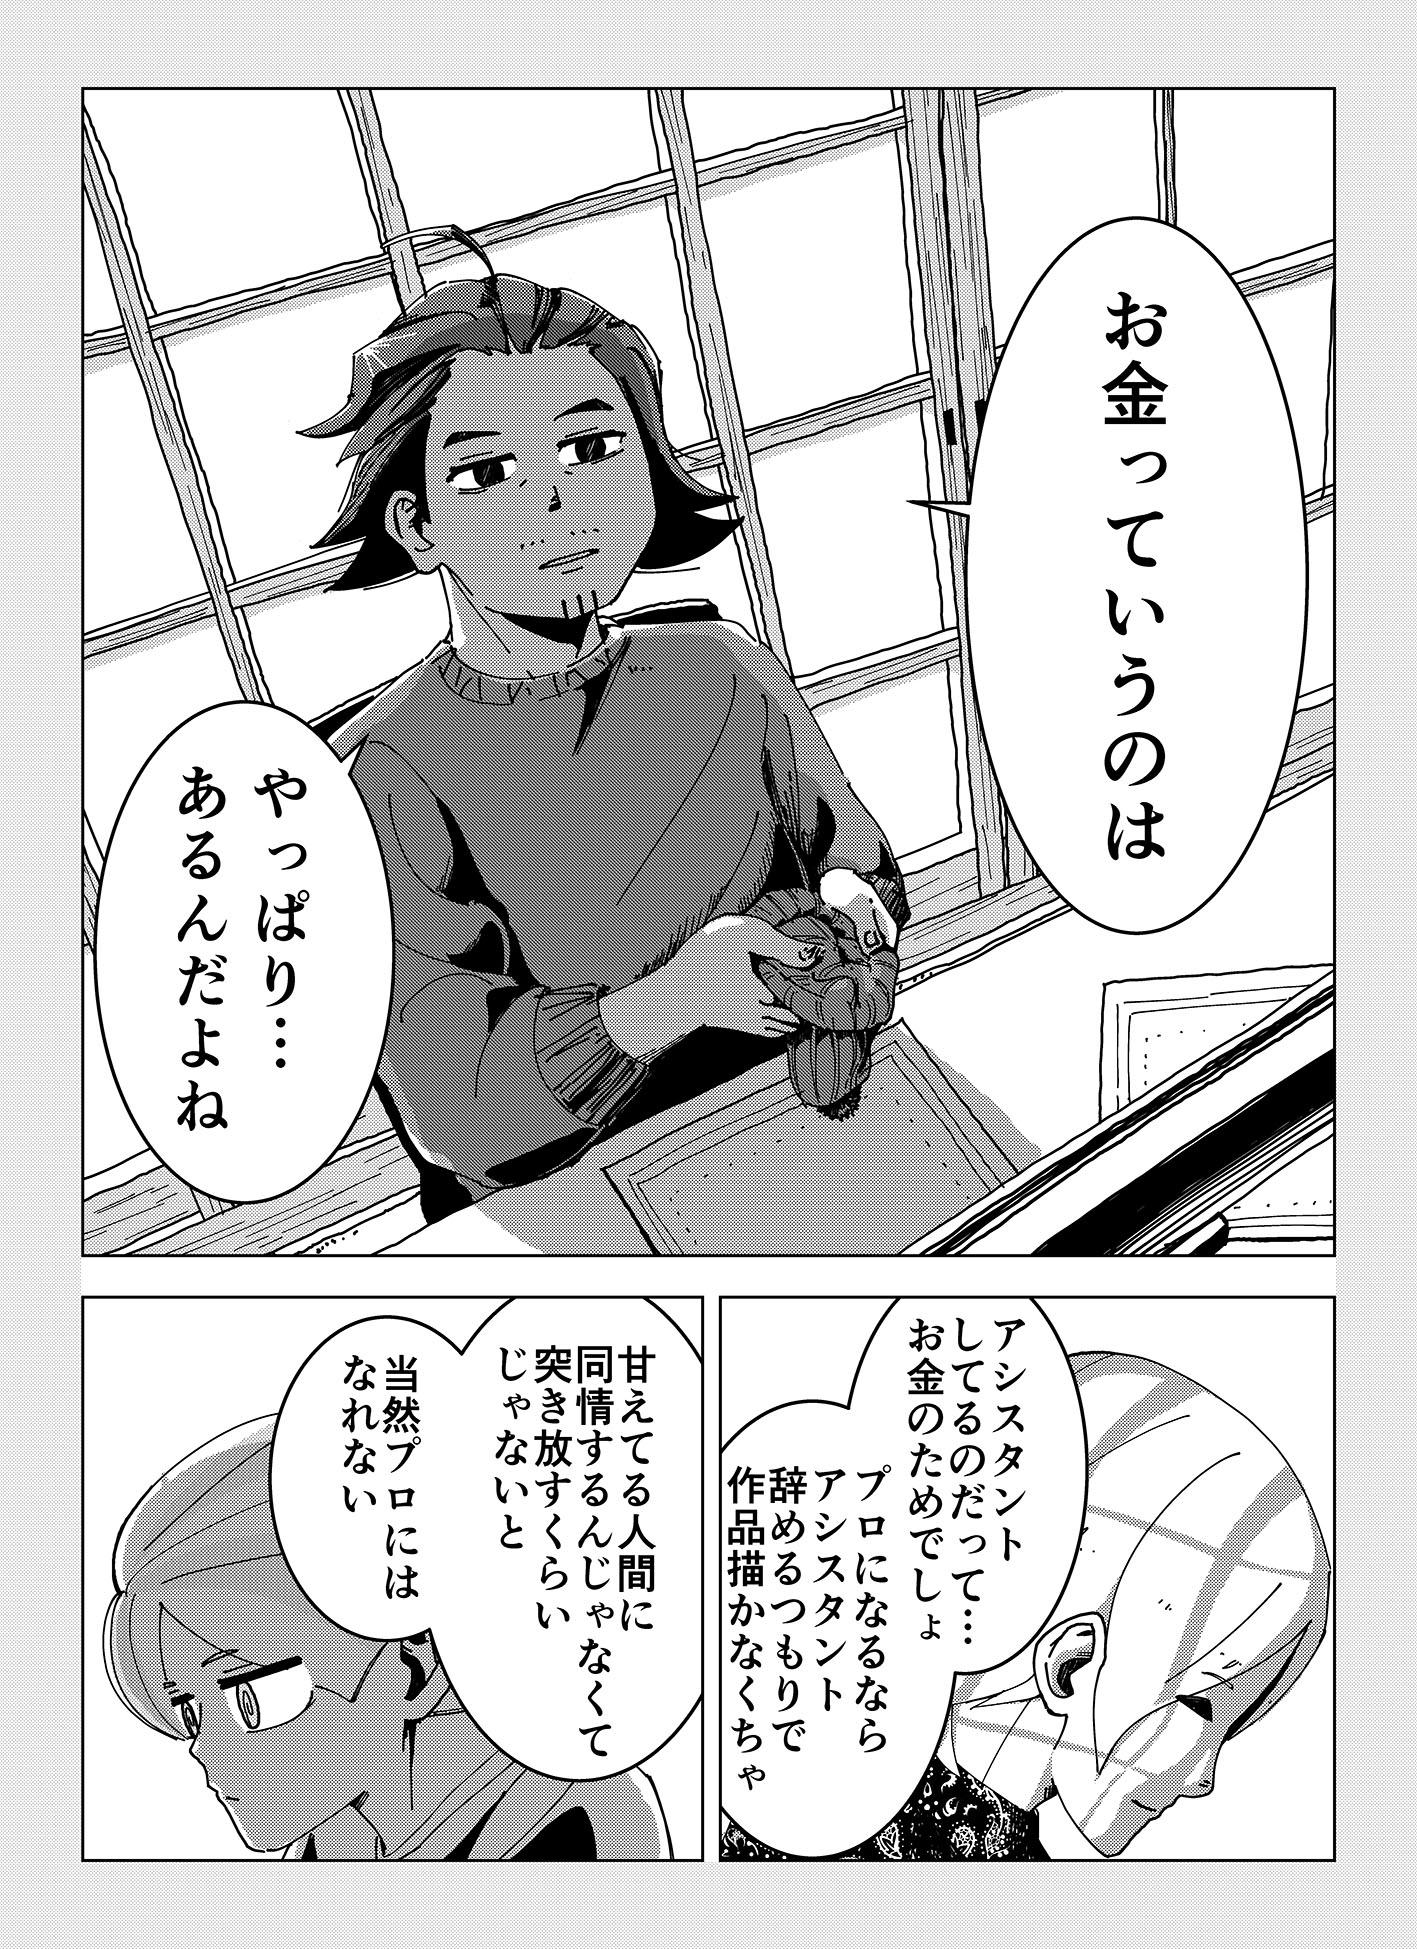 share_07_09